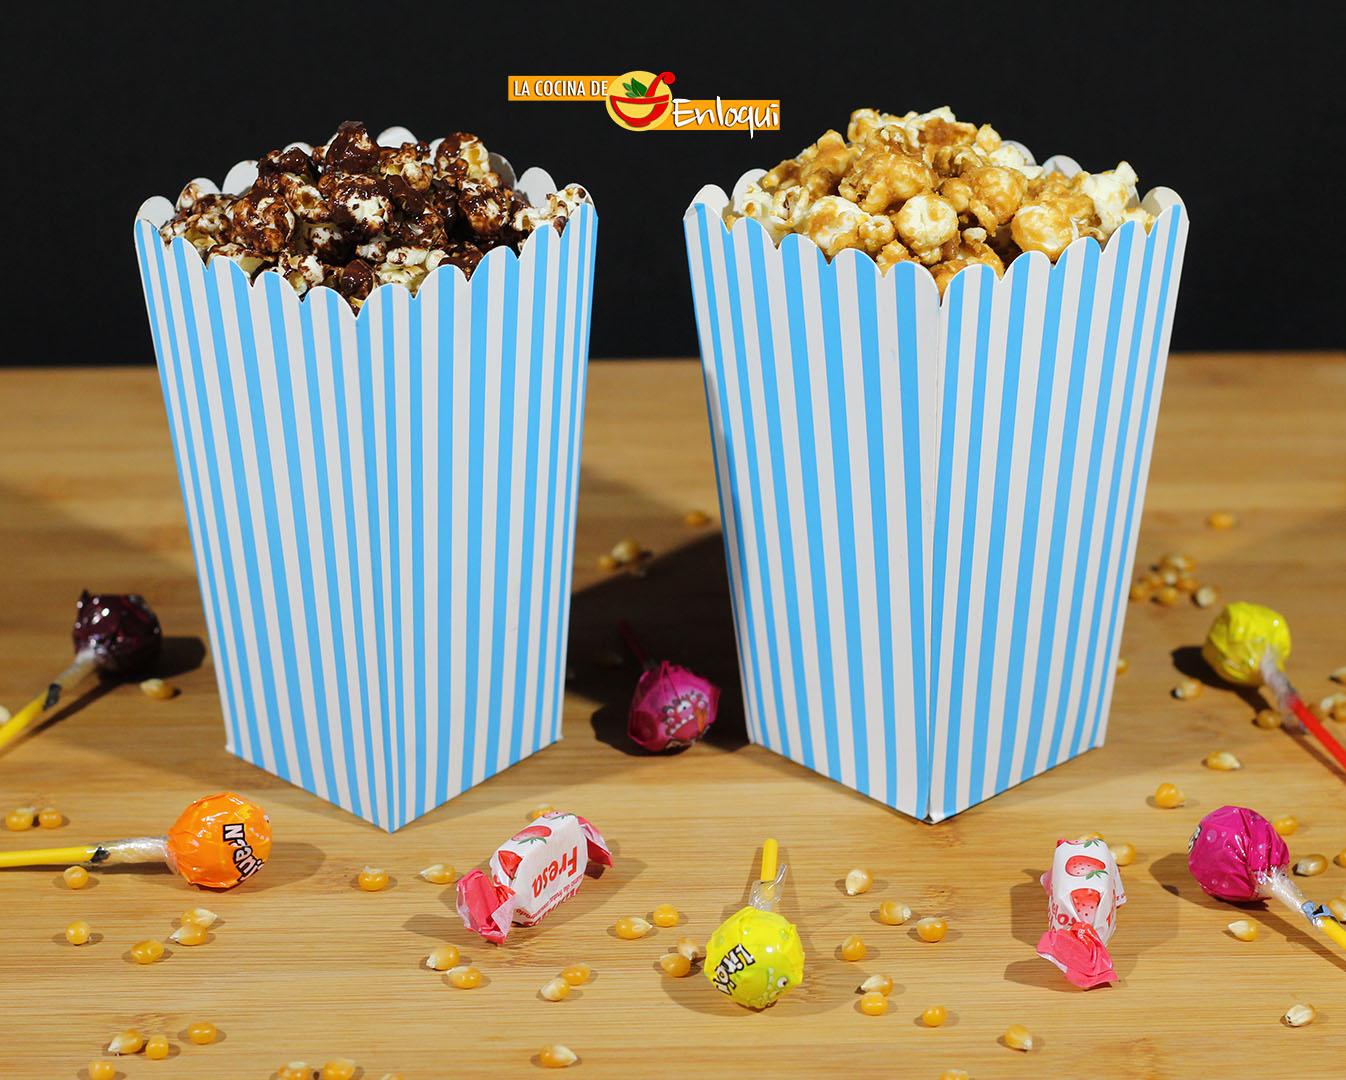 25-09-16-palomitas-de-maiz-con-chocolate-y-caramelo-19